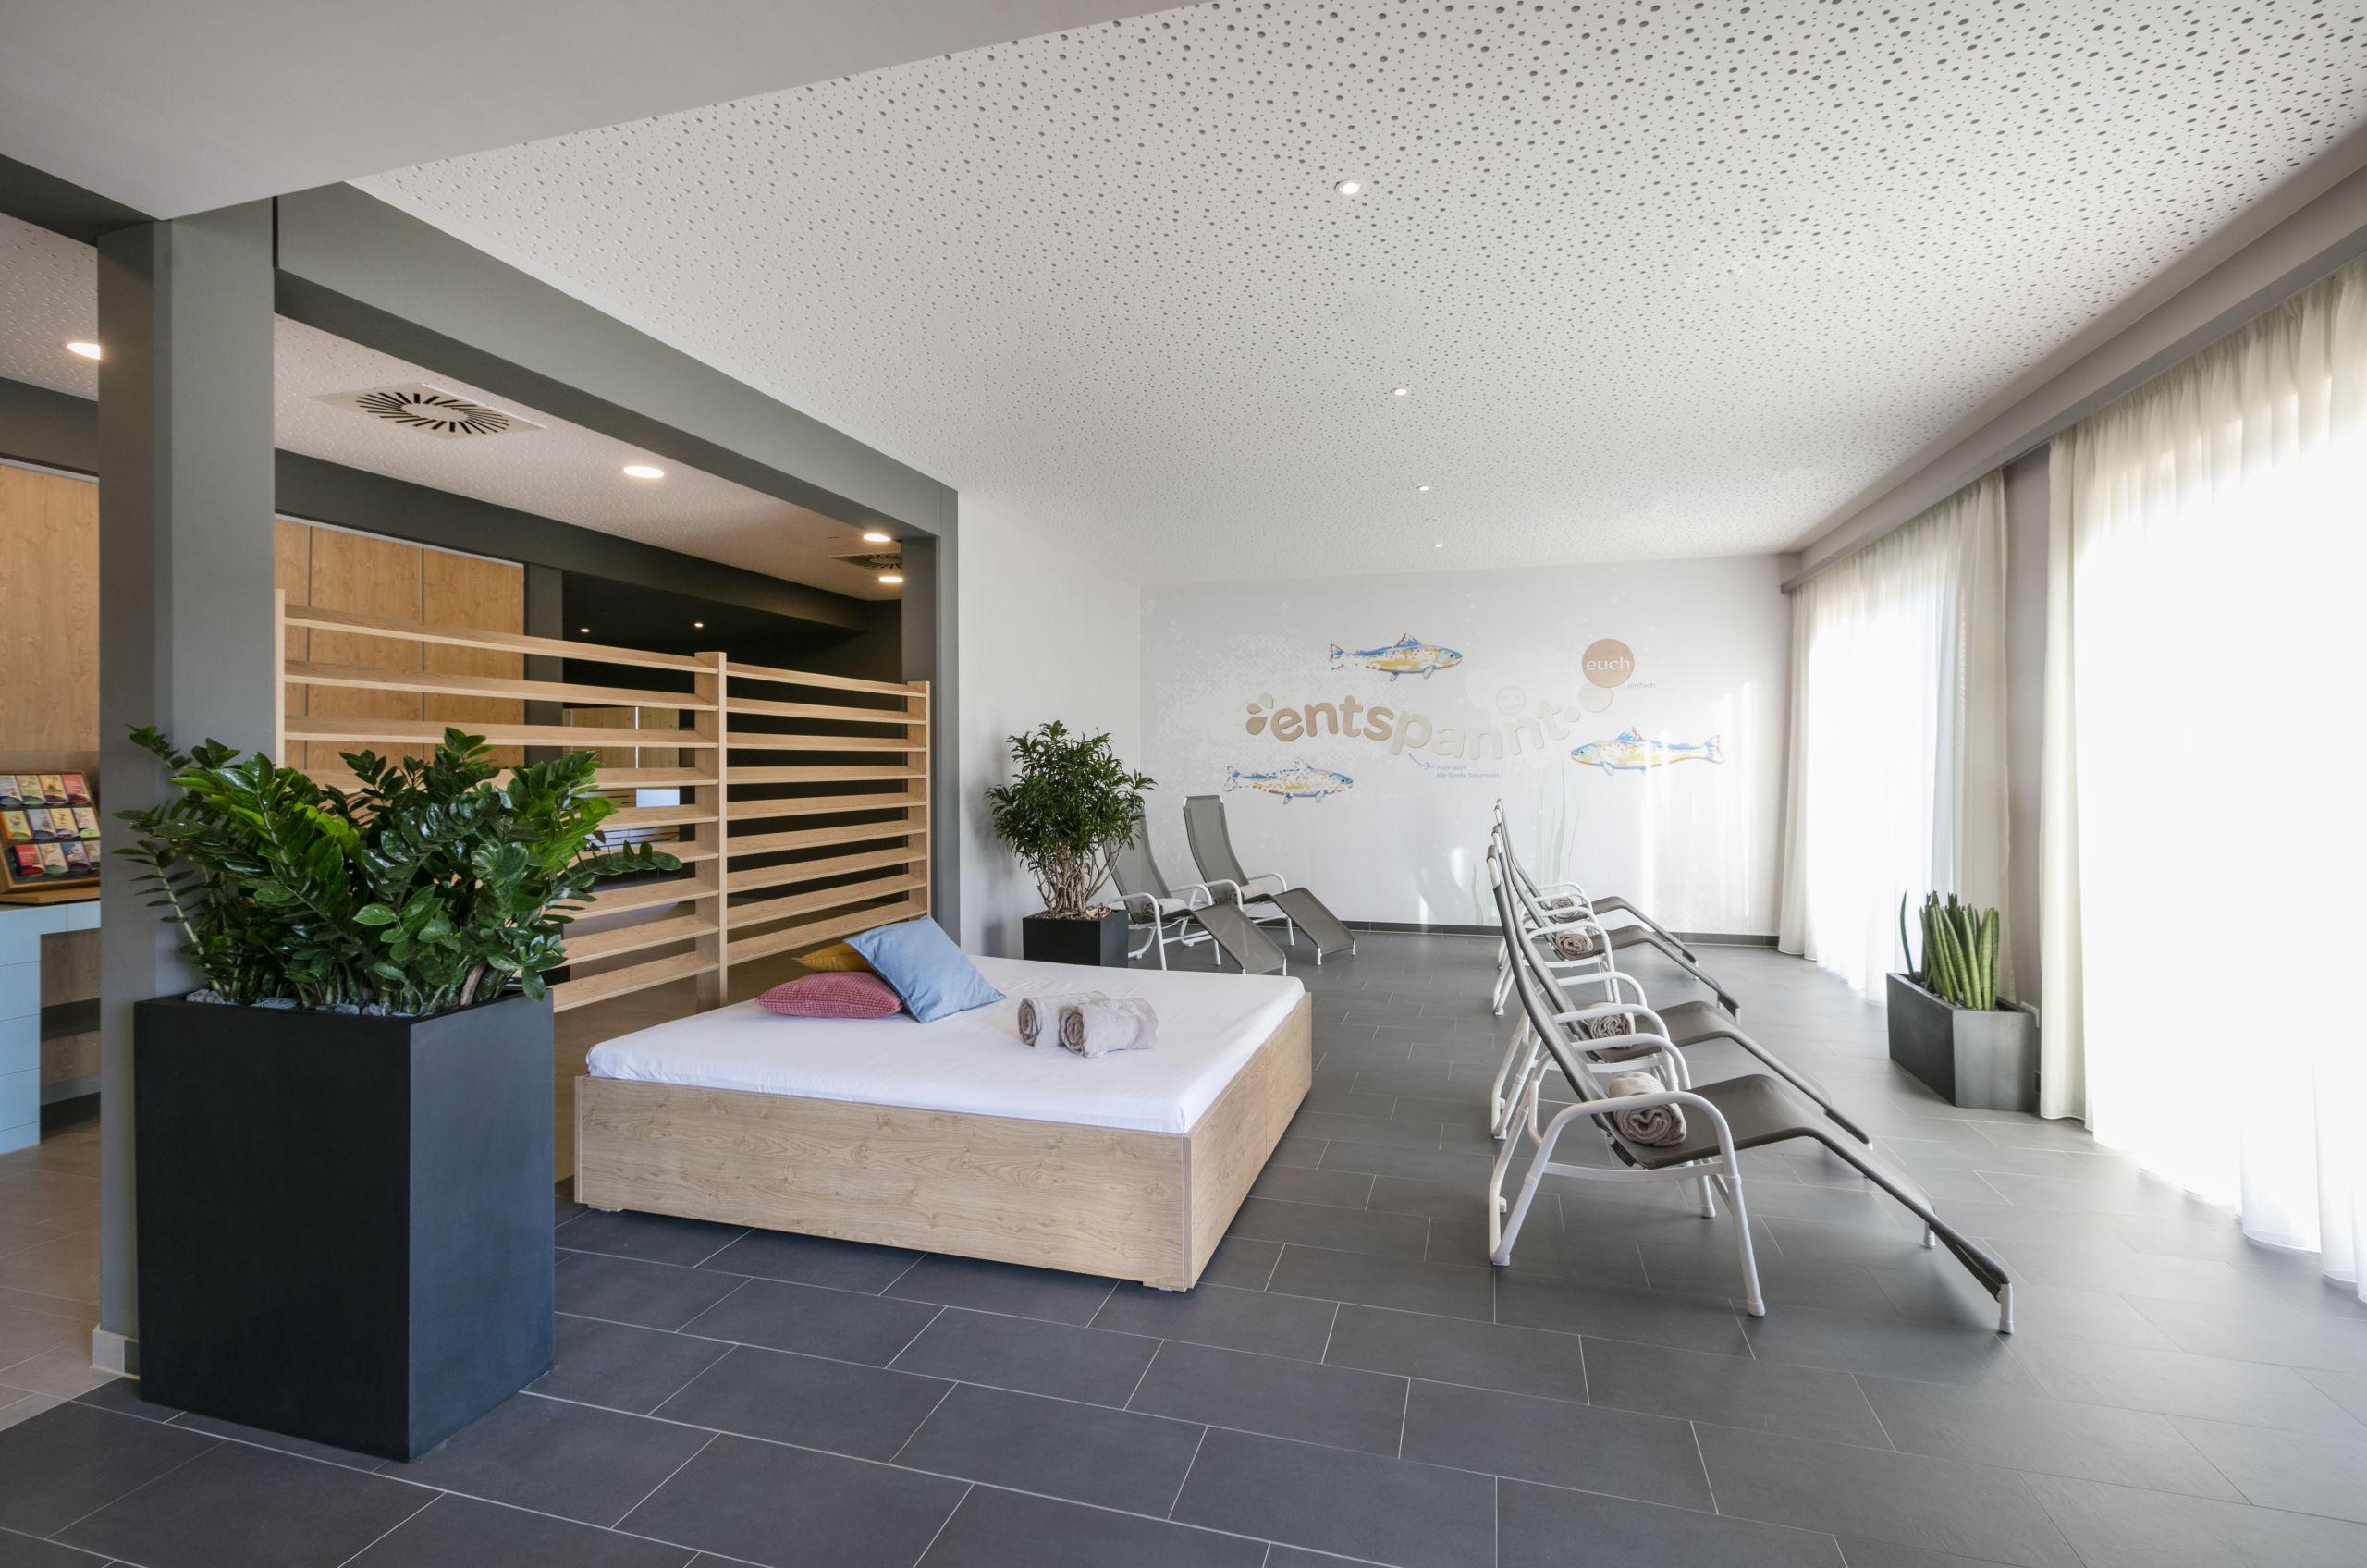 Sie sehen den Ruheraum im JUFA Hotel Weiz***s mit Liegen und Enspannungsbett. JUFA Hotels bietet erholsamen Thermenspass für die ganze Familie.